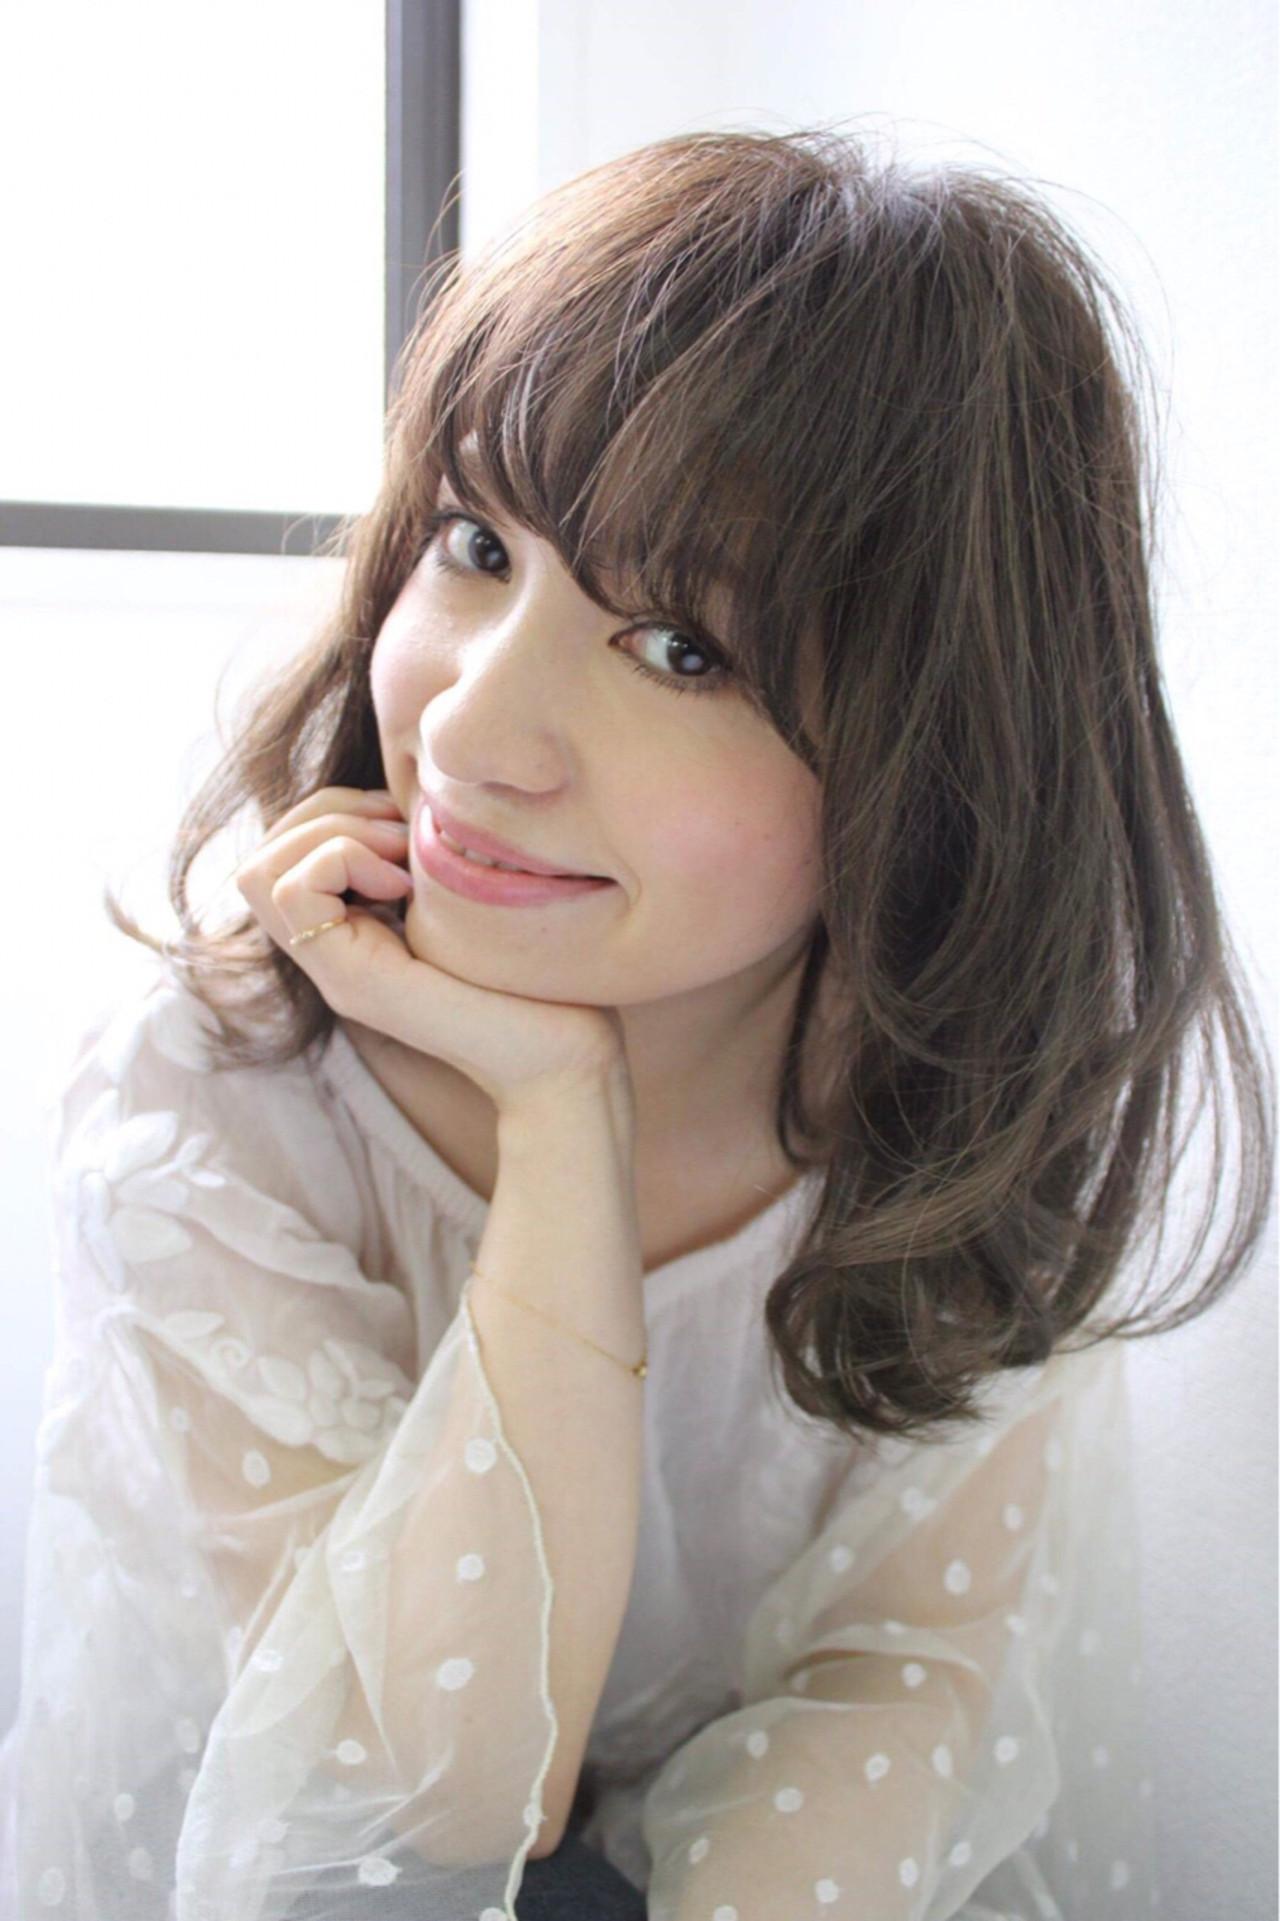 5.ベース型タイプに似合う髪型とは? nanako.k